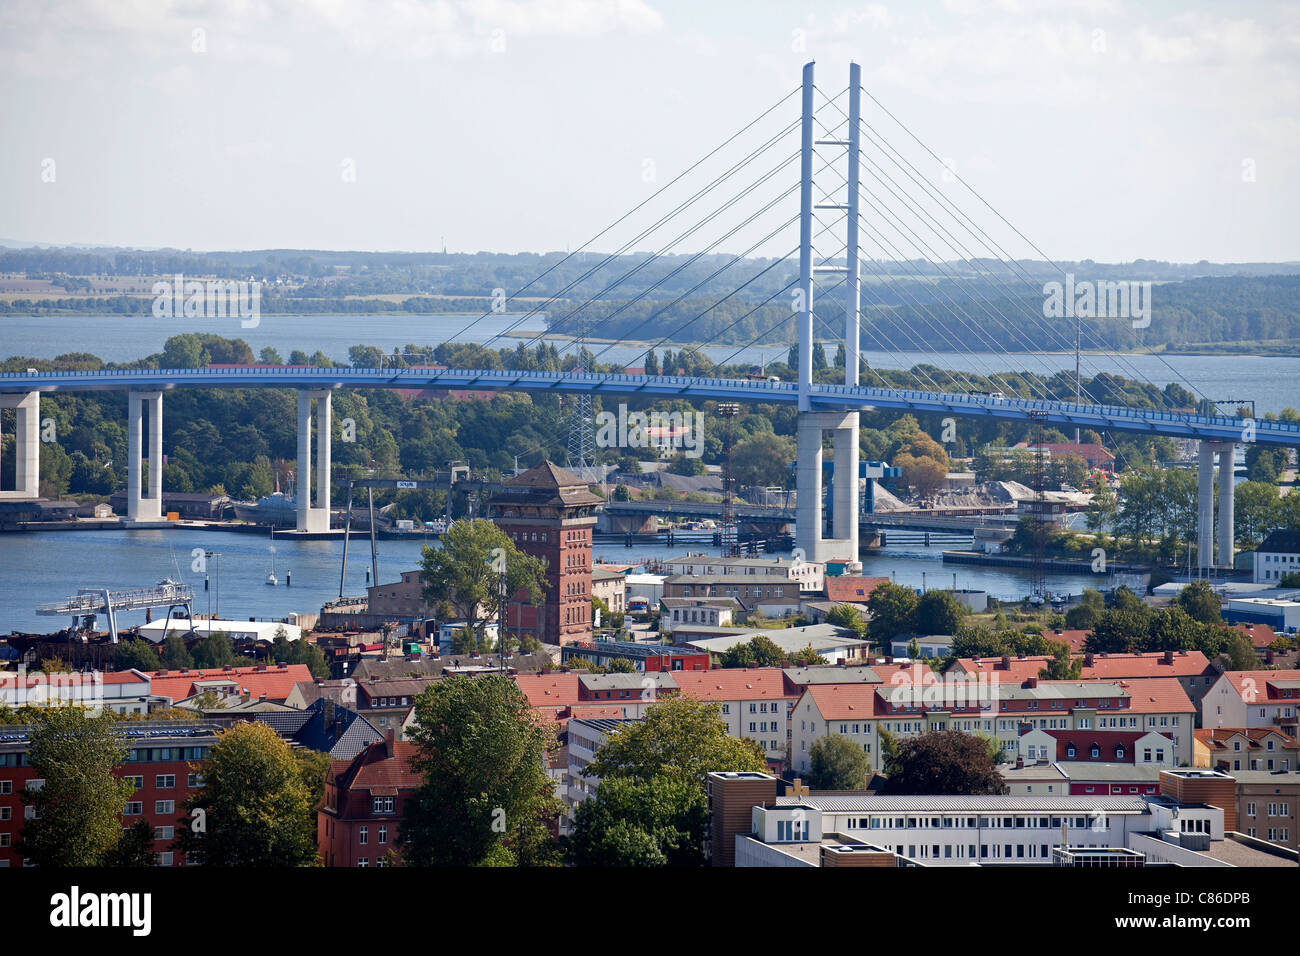 Ruegen Bridge, Hanseatic City of Stralsund, Mecklenburg-Vorpommern, Germany Stock Photo